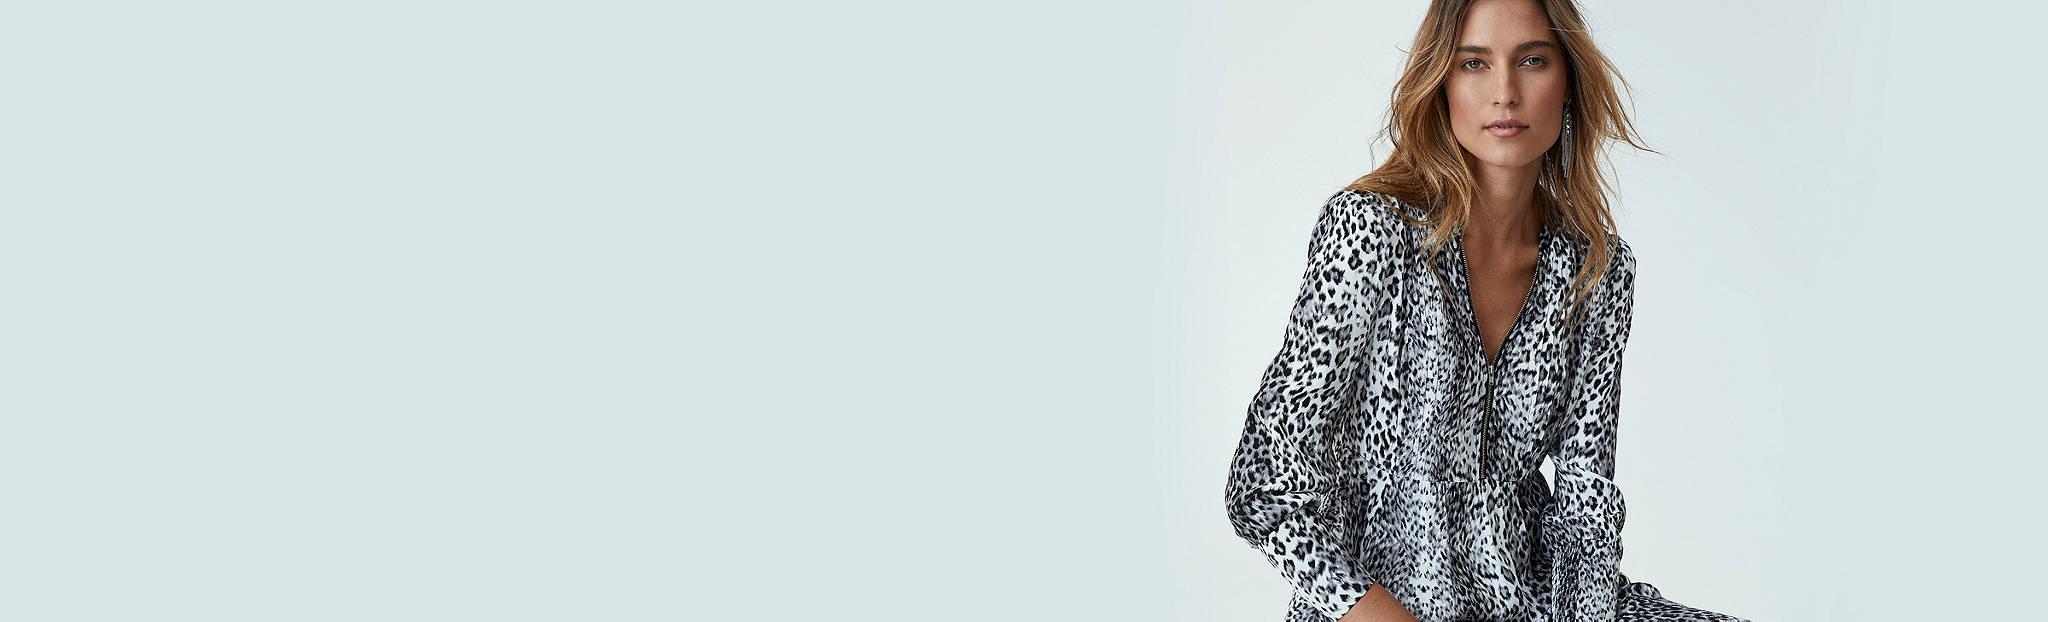 release date 2018 sneakers arrives Dresses | Mint Velvet | John Lewis & Partners